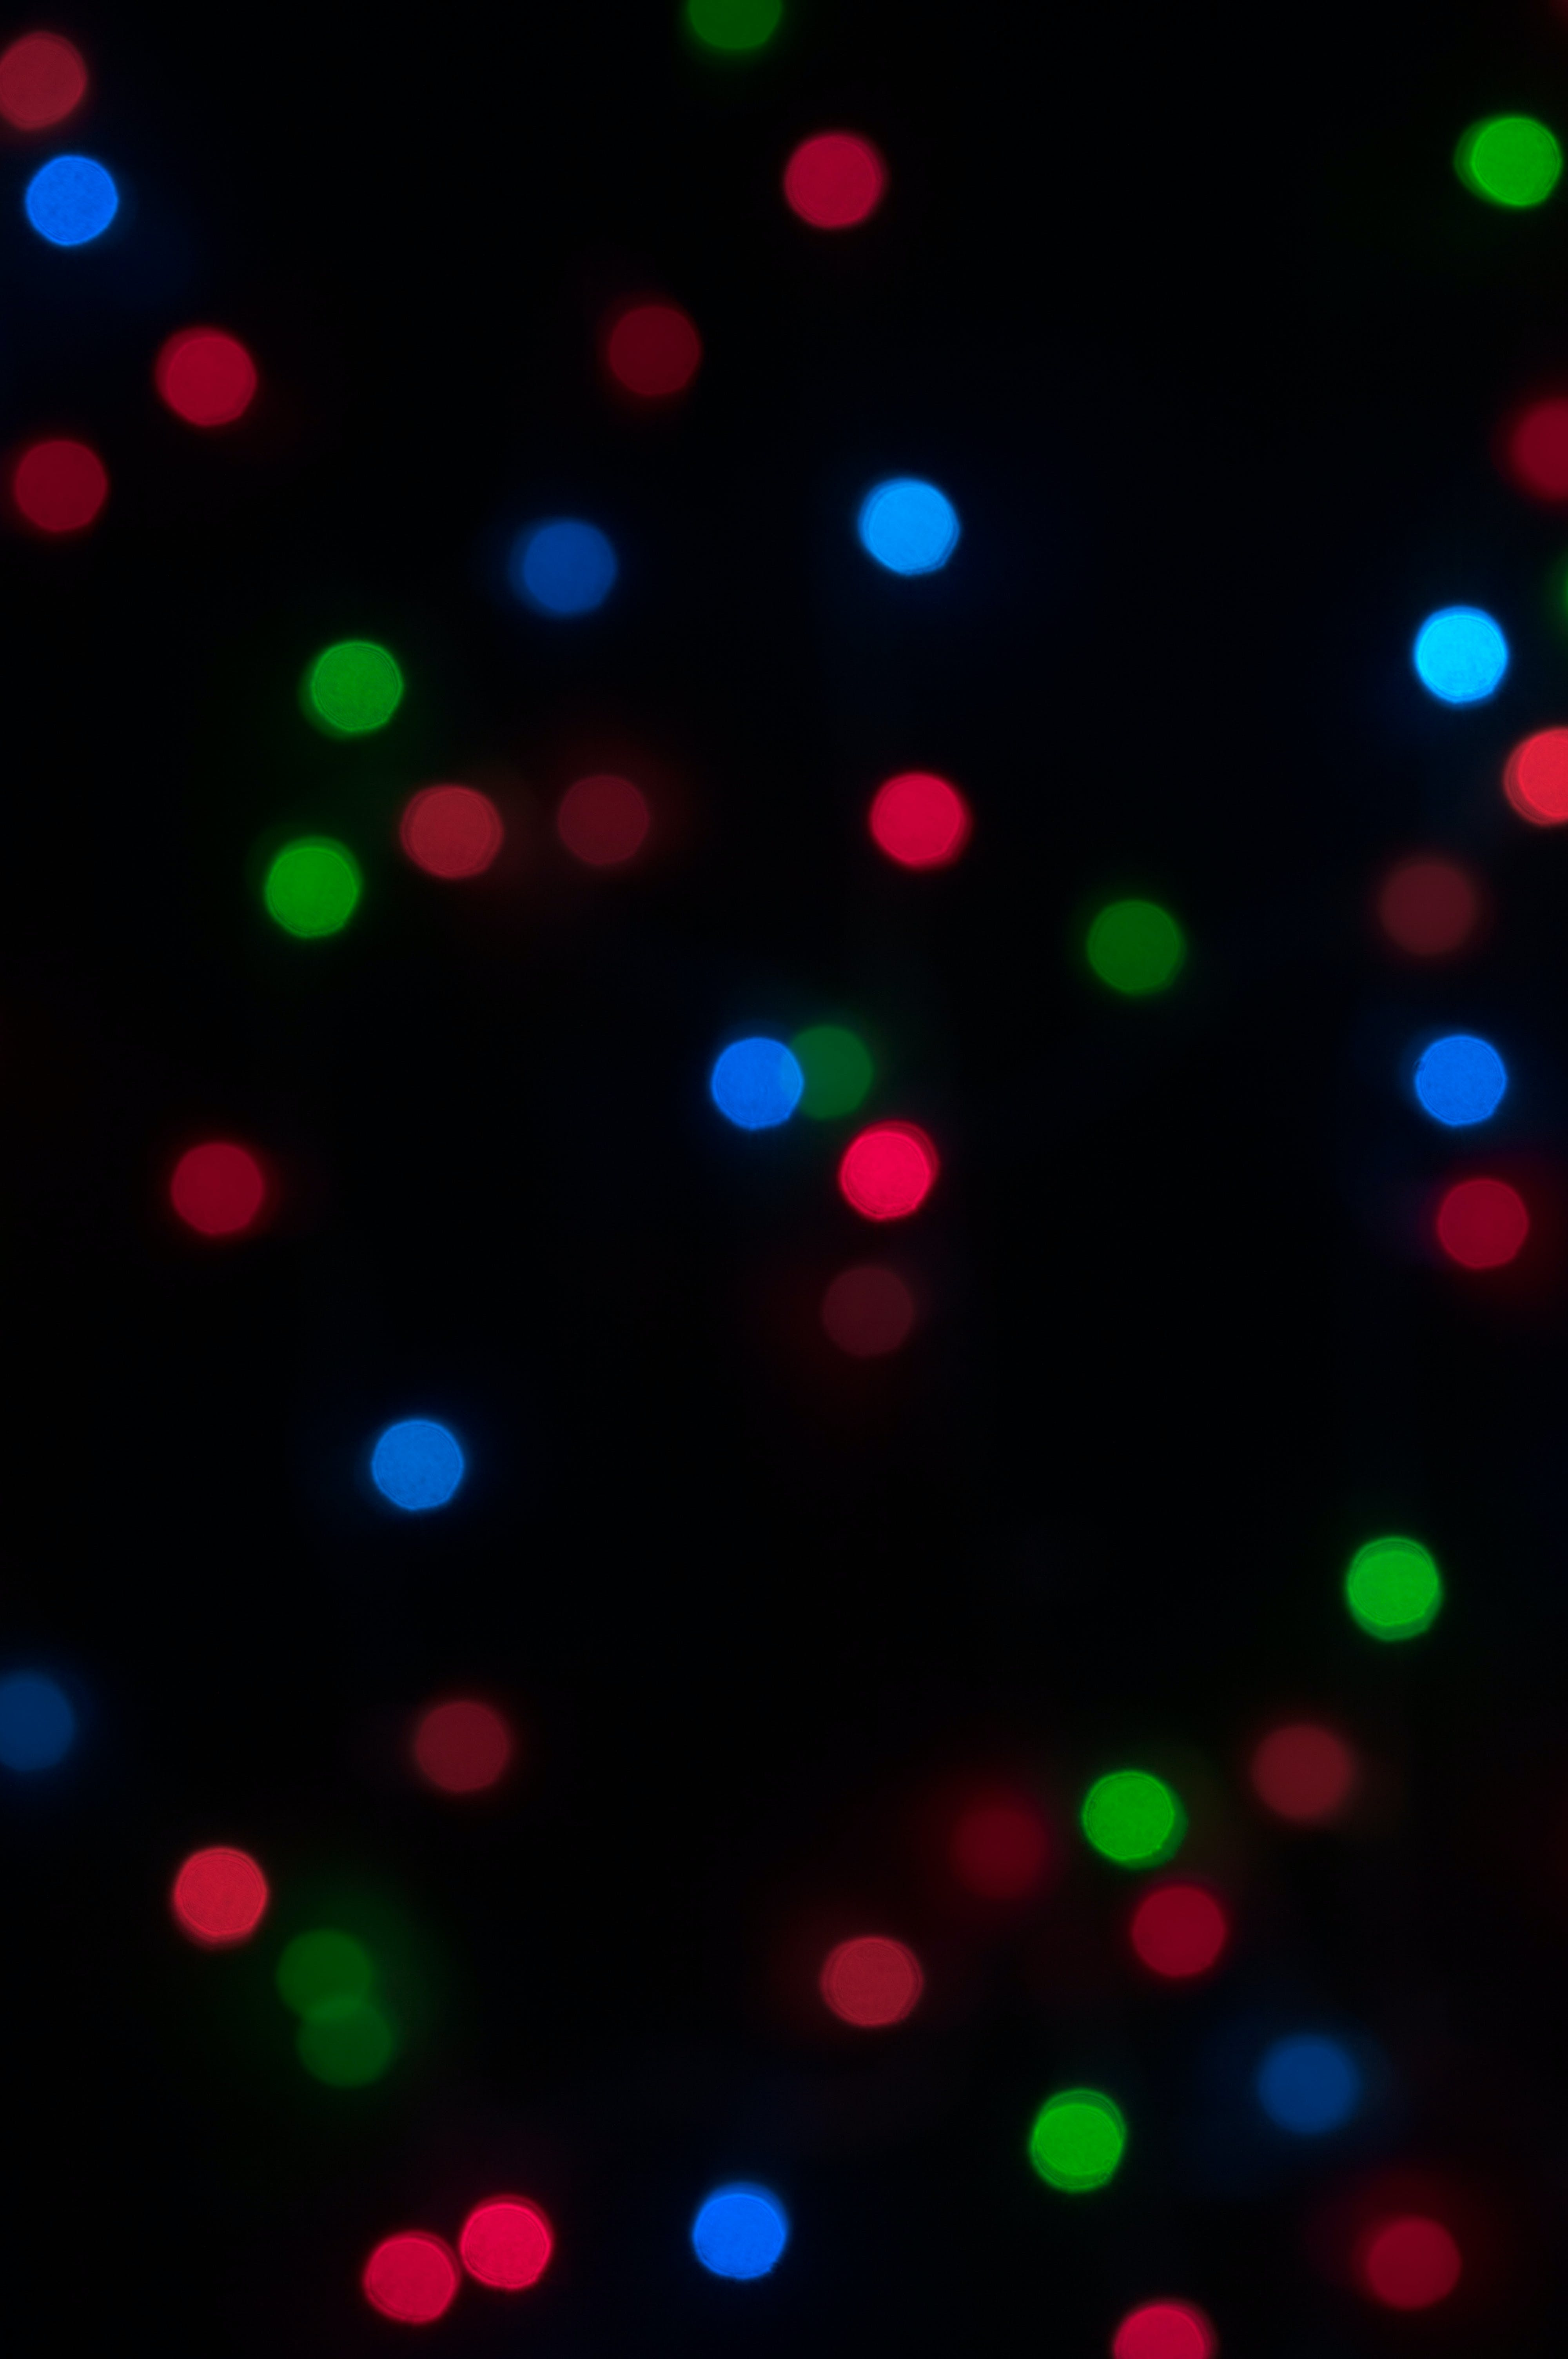 Kostenloses Stock Foto zu bokeh, bunt, bunter hintergrund, lichteffekt